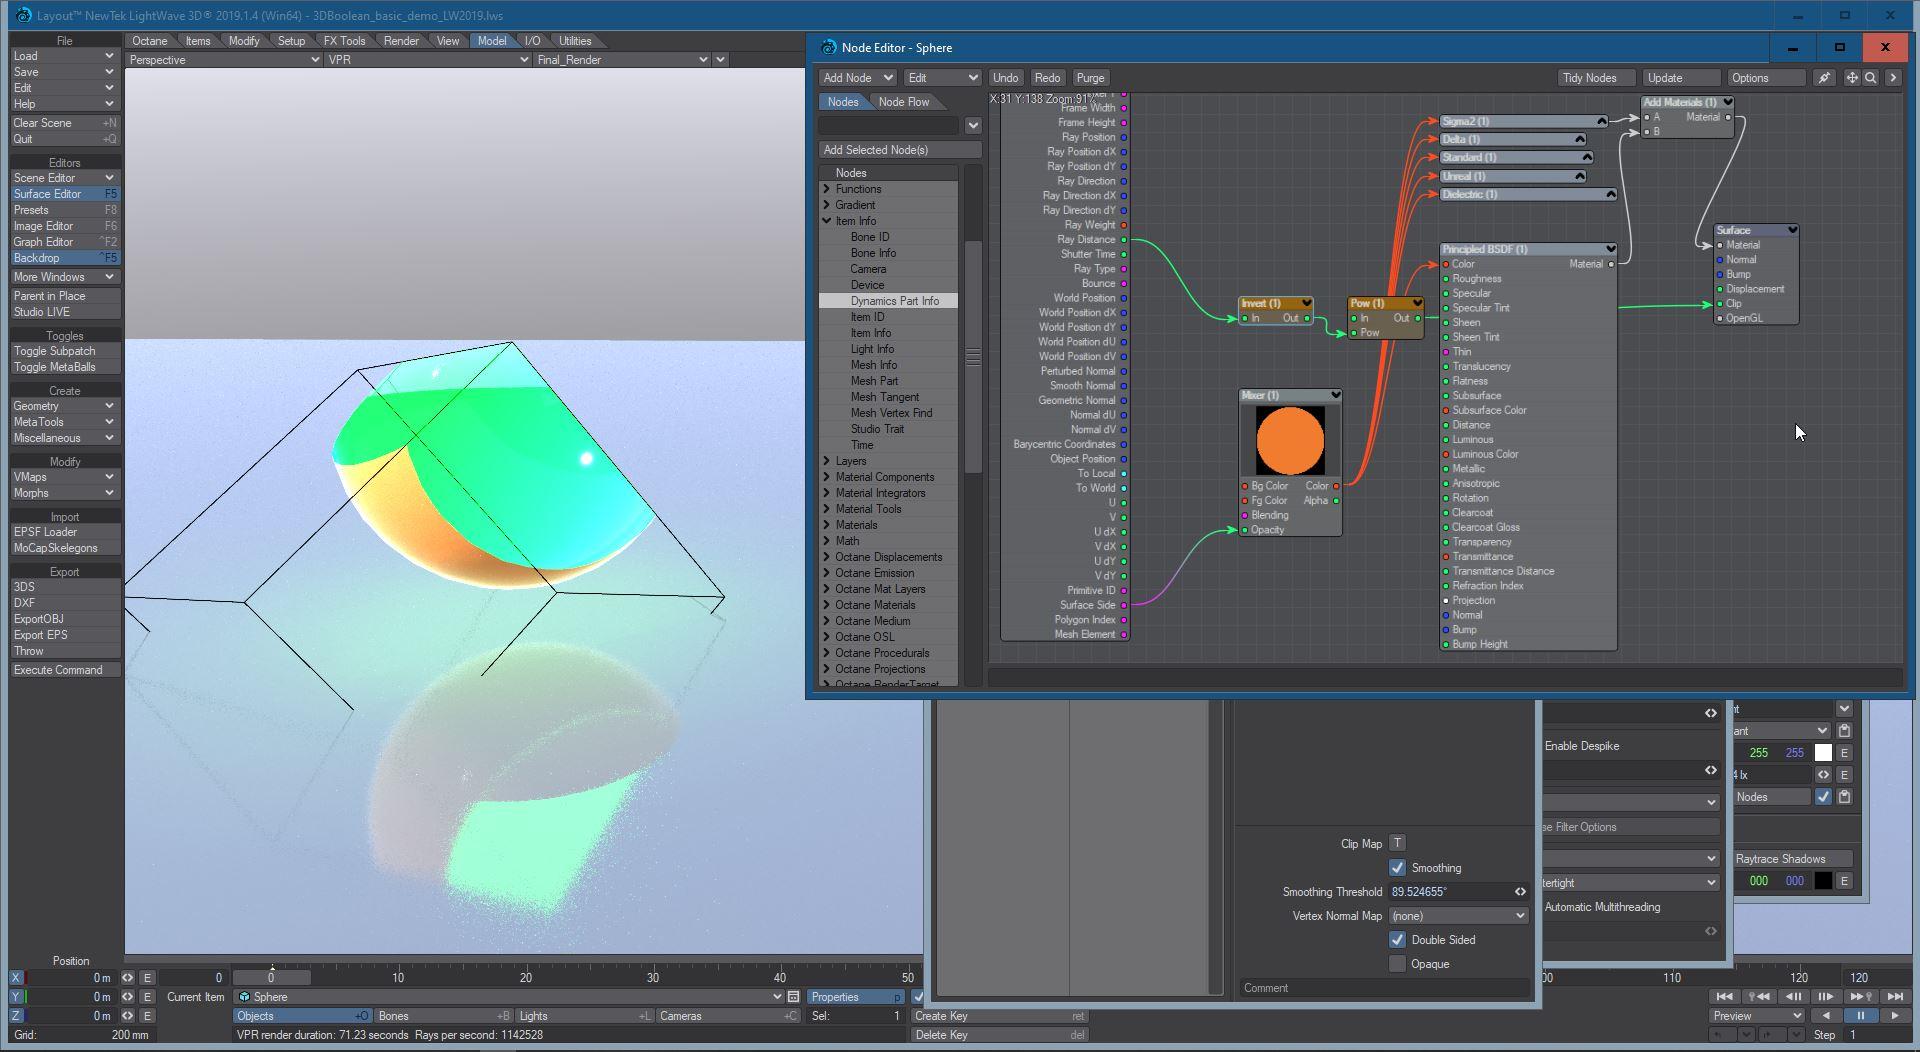 Nome: 2020-02-14 14_24_00-Layout™ NewTek LightWave 3D® 2019.1.4 (Win64) - 3DBoolean_basic_demo_LW2019..jpg Visite: 109 Dimensione: 240.9 KB